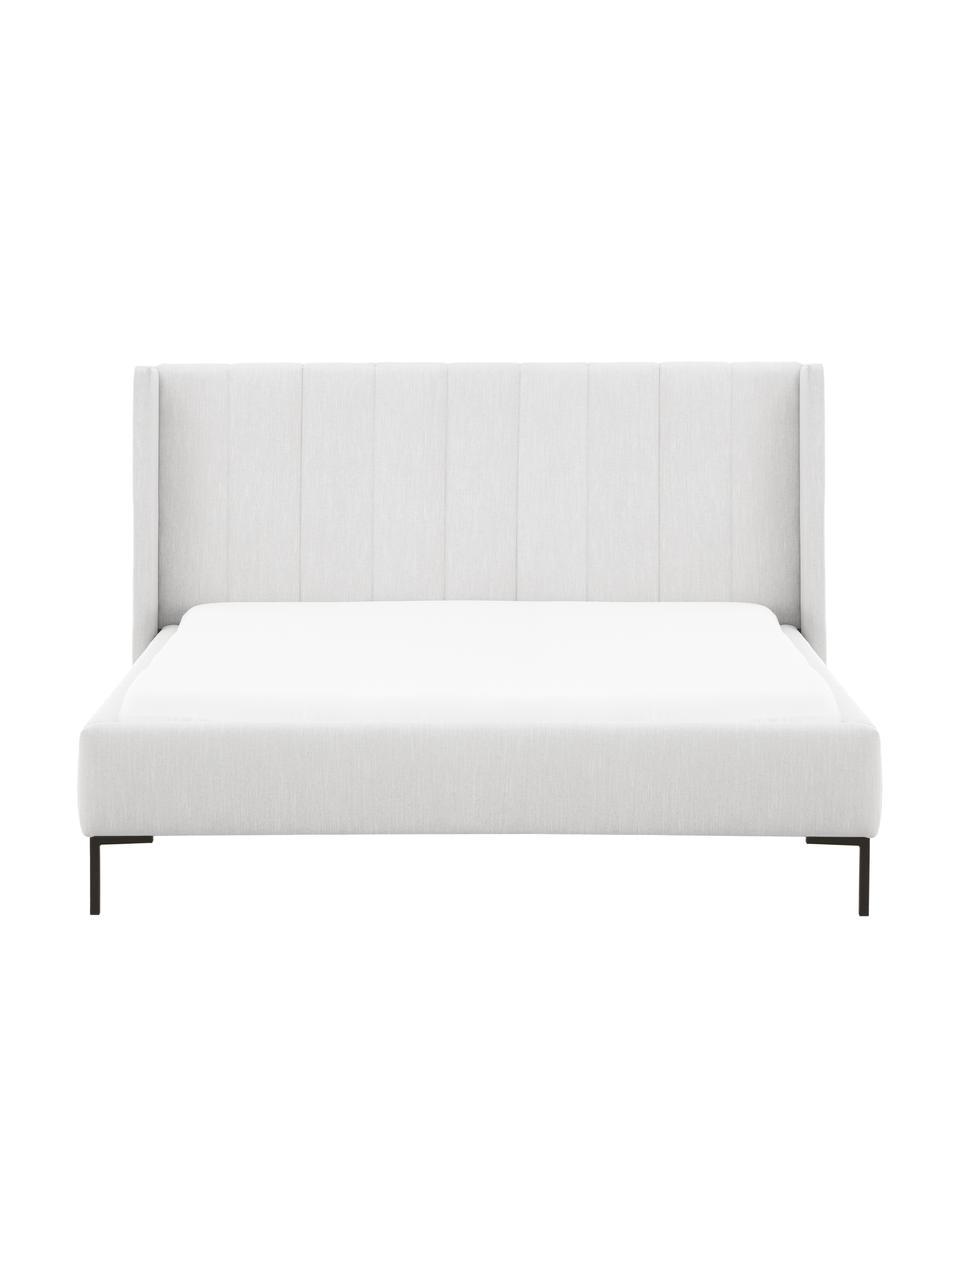 Łóżko tapicerowane Dusk, Tapicerka: tkanina o drobnej struktu, Korpus: lite drewno sosnowe i pły, Nogi: metal malowany proszkowo, Jasny szary, S 200 x D 200 cm